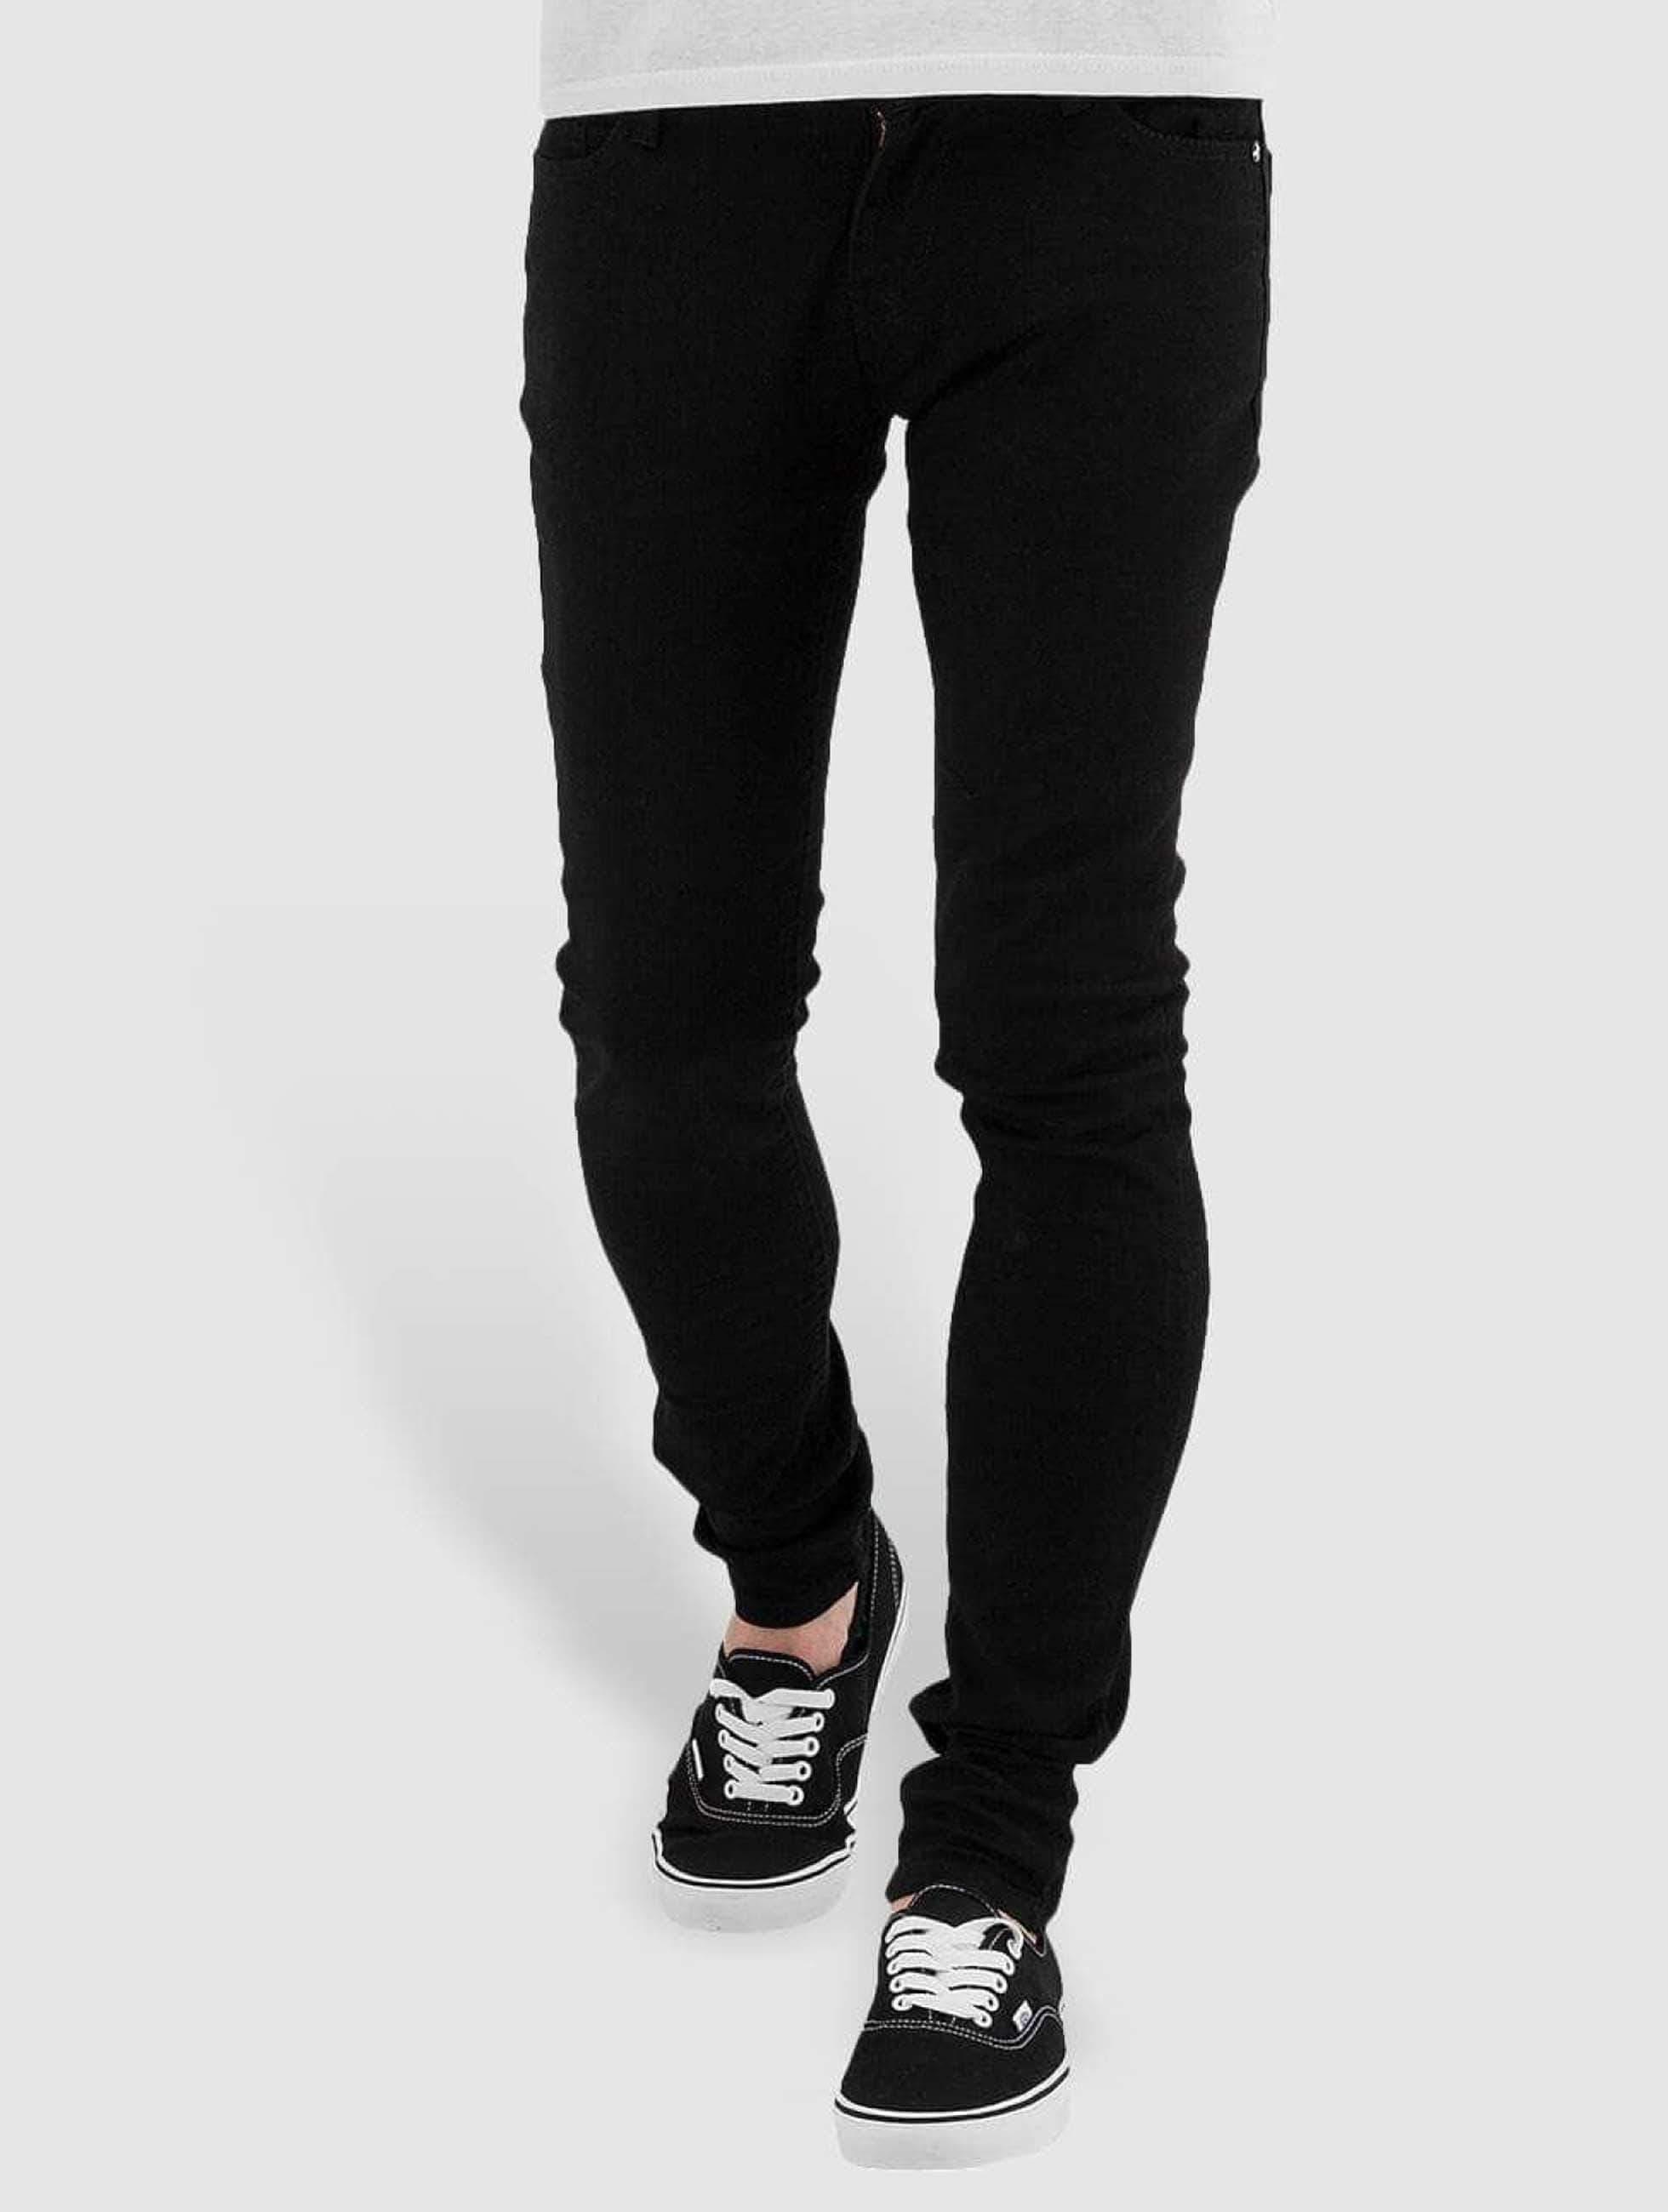 Criminal Damage Super Jeans Black Skinny UpzqMGVS